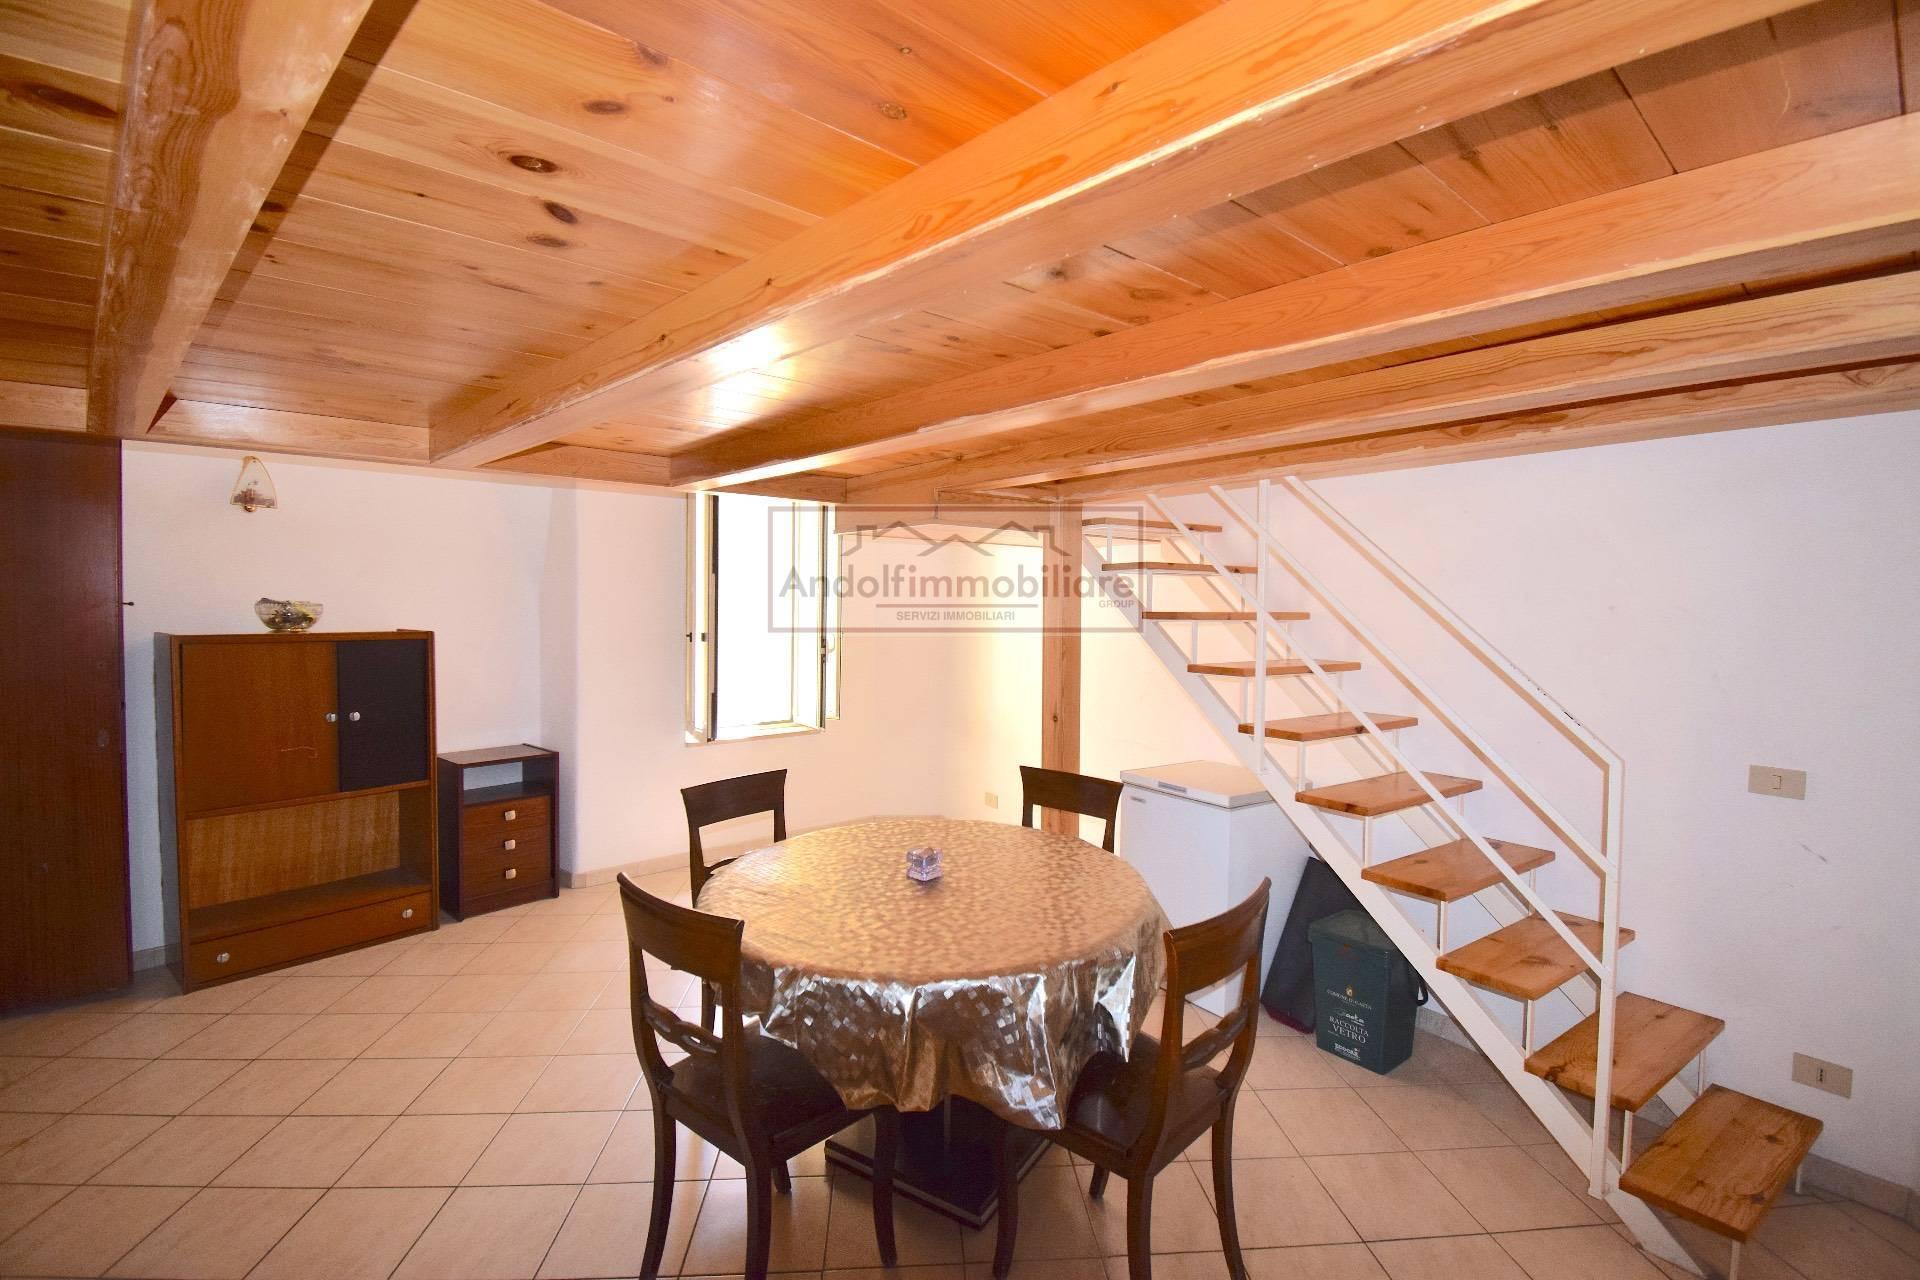 Appartamento in vendita a Gaeta, 2 locali, prezzo € 89.000 | CambioCasa.it